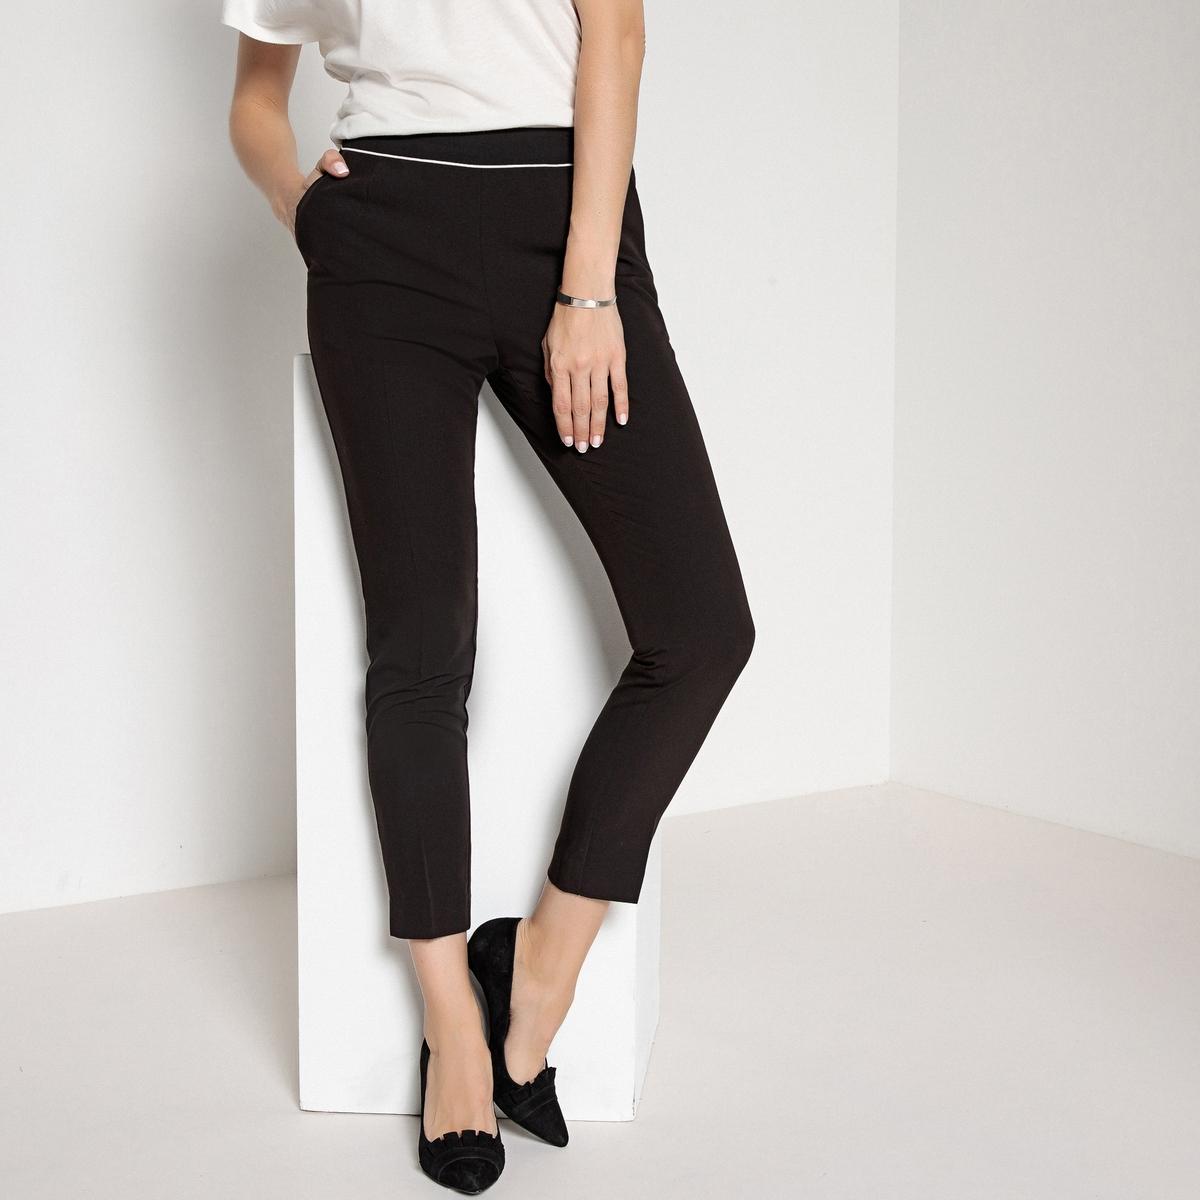 Imagen principal de producto de Pantalón recto, pliegues marcados delante y detrás - Anne weyburn